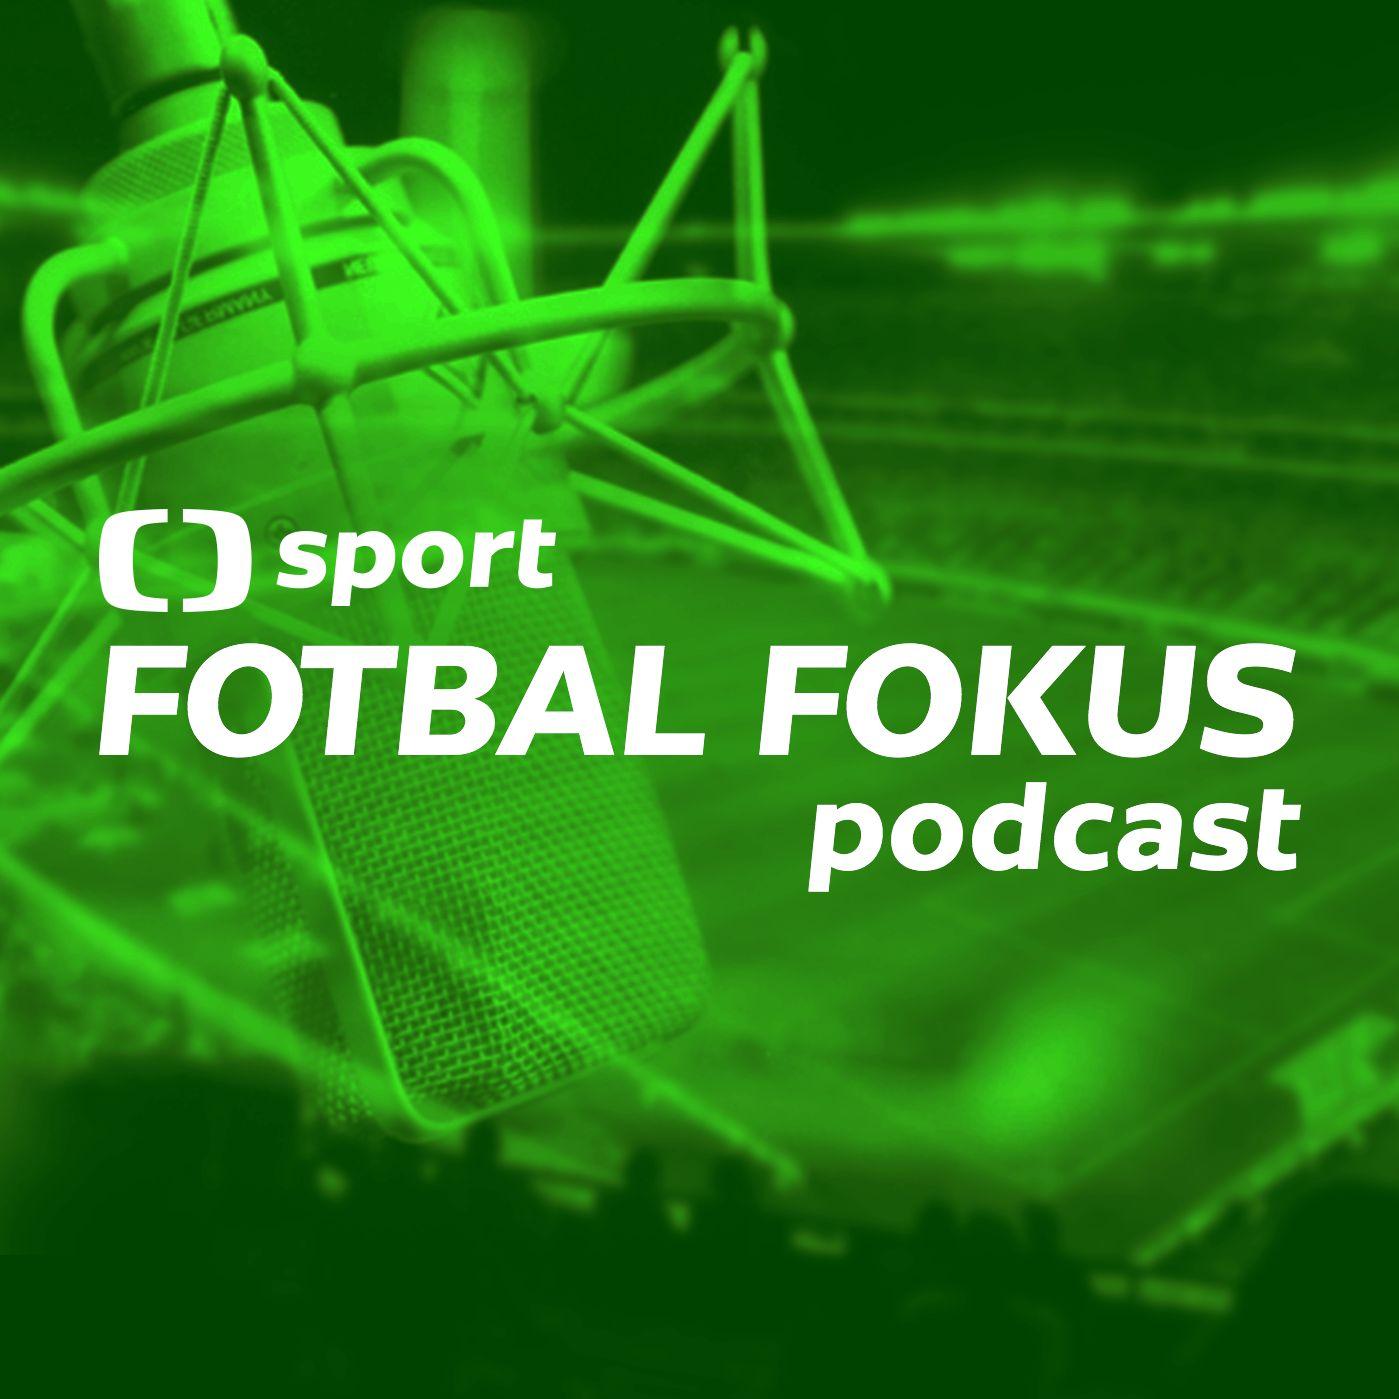 Fotbal fokus podcast: Proč Slavia klopýtá v boji o titul?